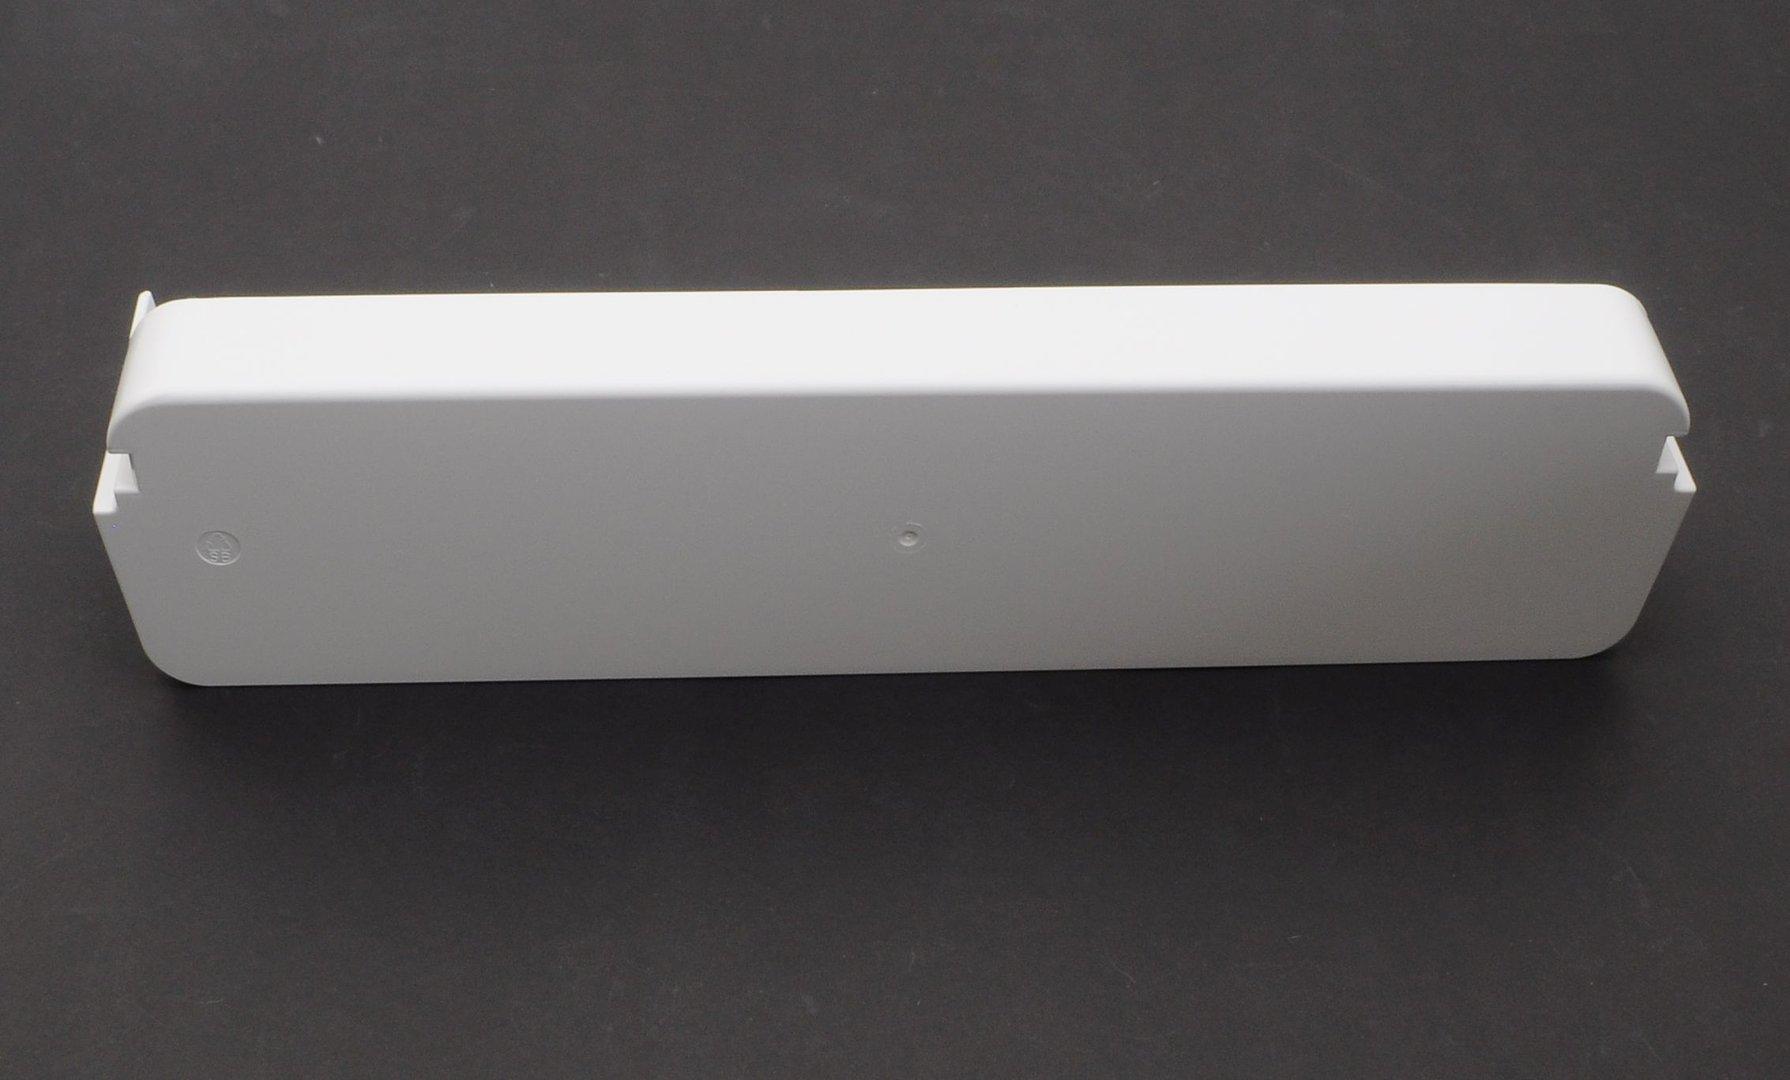 Aeg Kühlschrank Welche Stufe : Constructa flaschenfach abstellfach ablage weiß m stufe